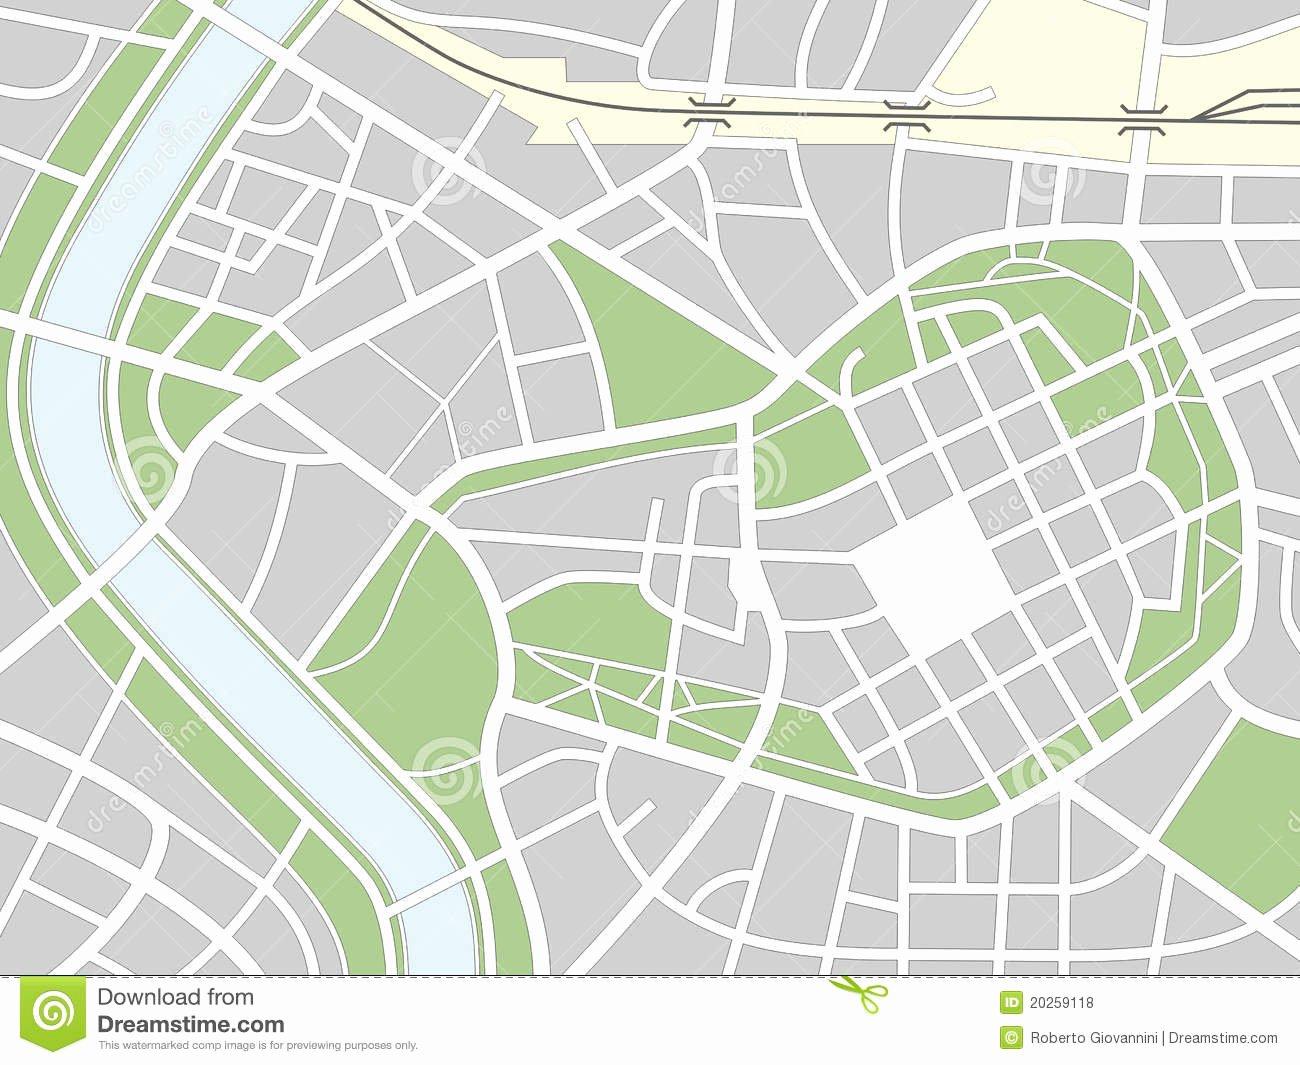 Blank City Map Template Awesome Mapa Sem Nome Da Cidade Ilustração Do Vetor Ilustração De